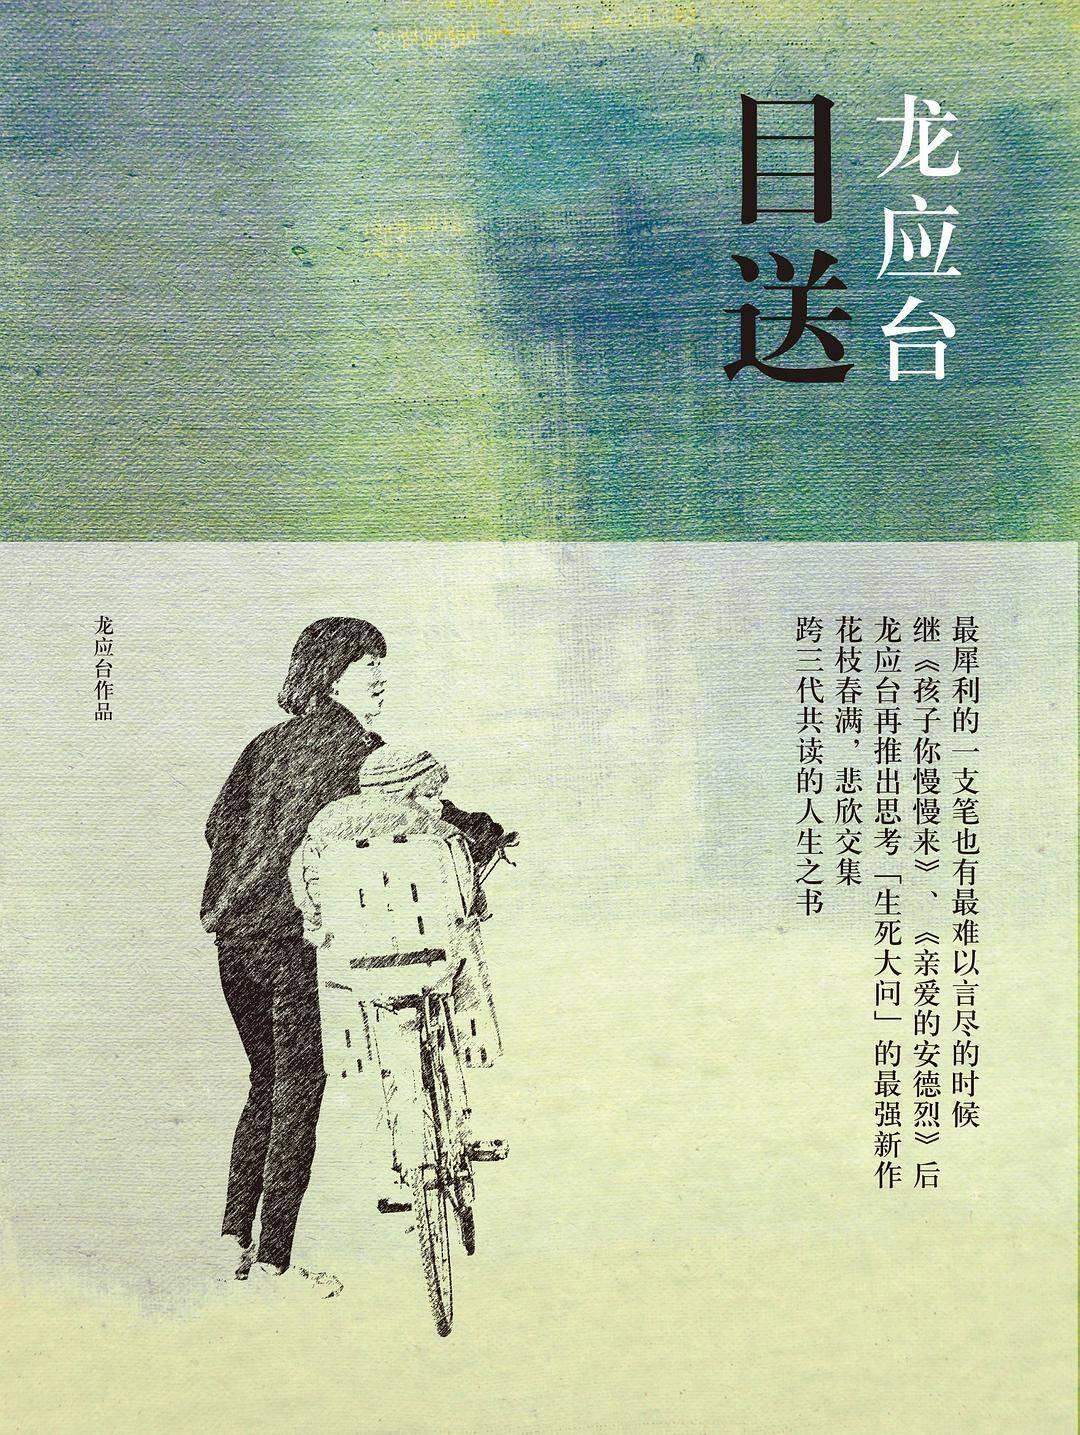 李觏《乡思》诗词赏析